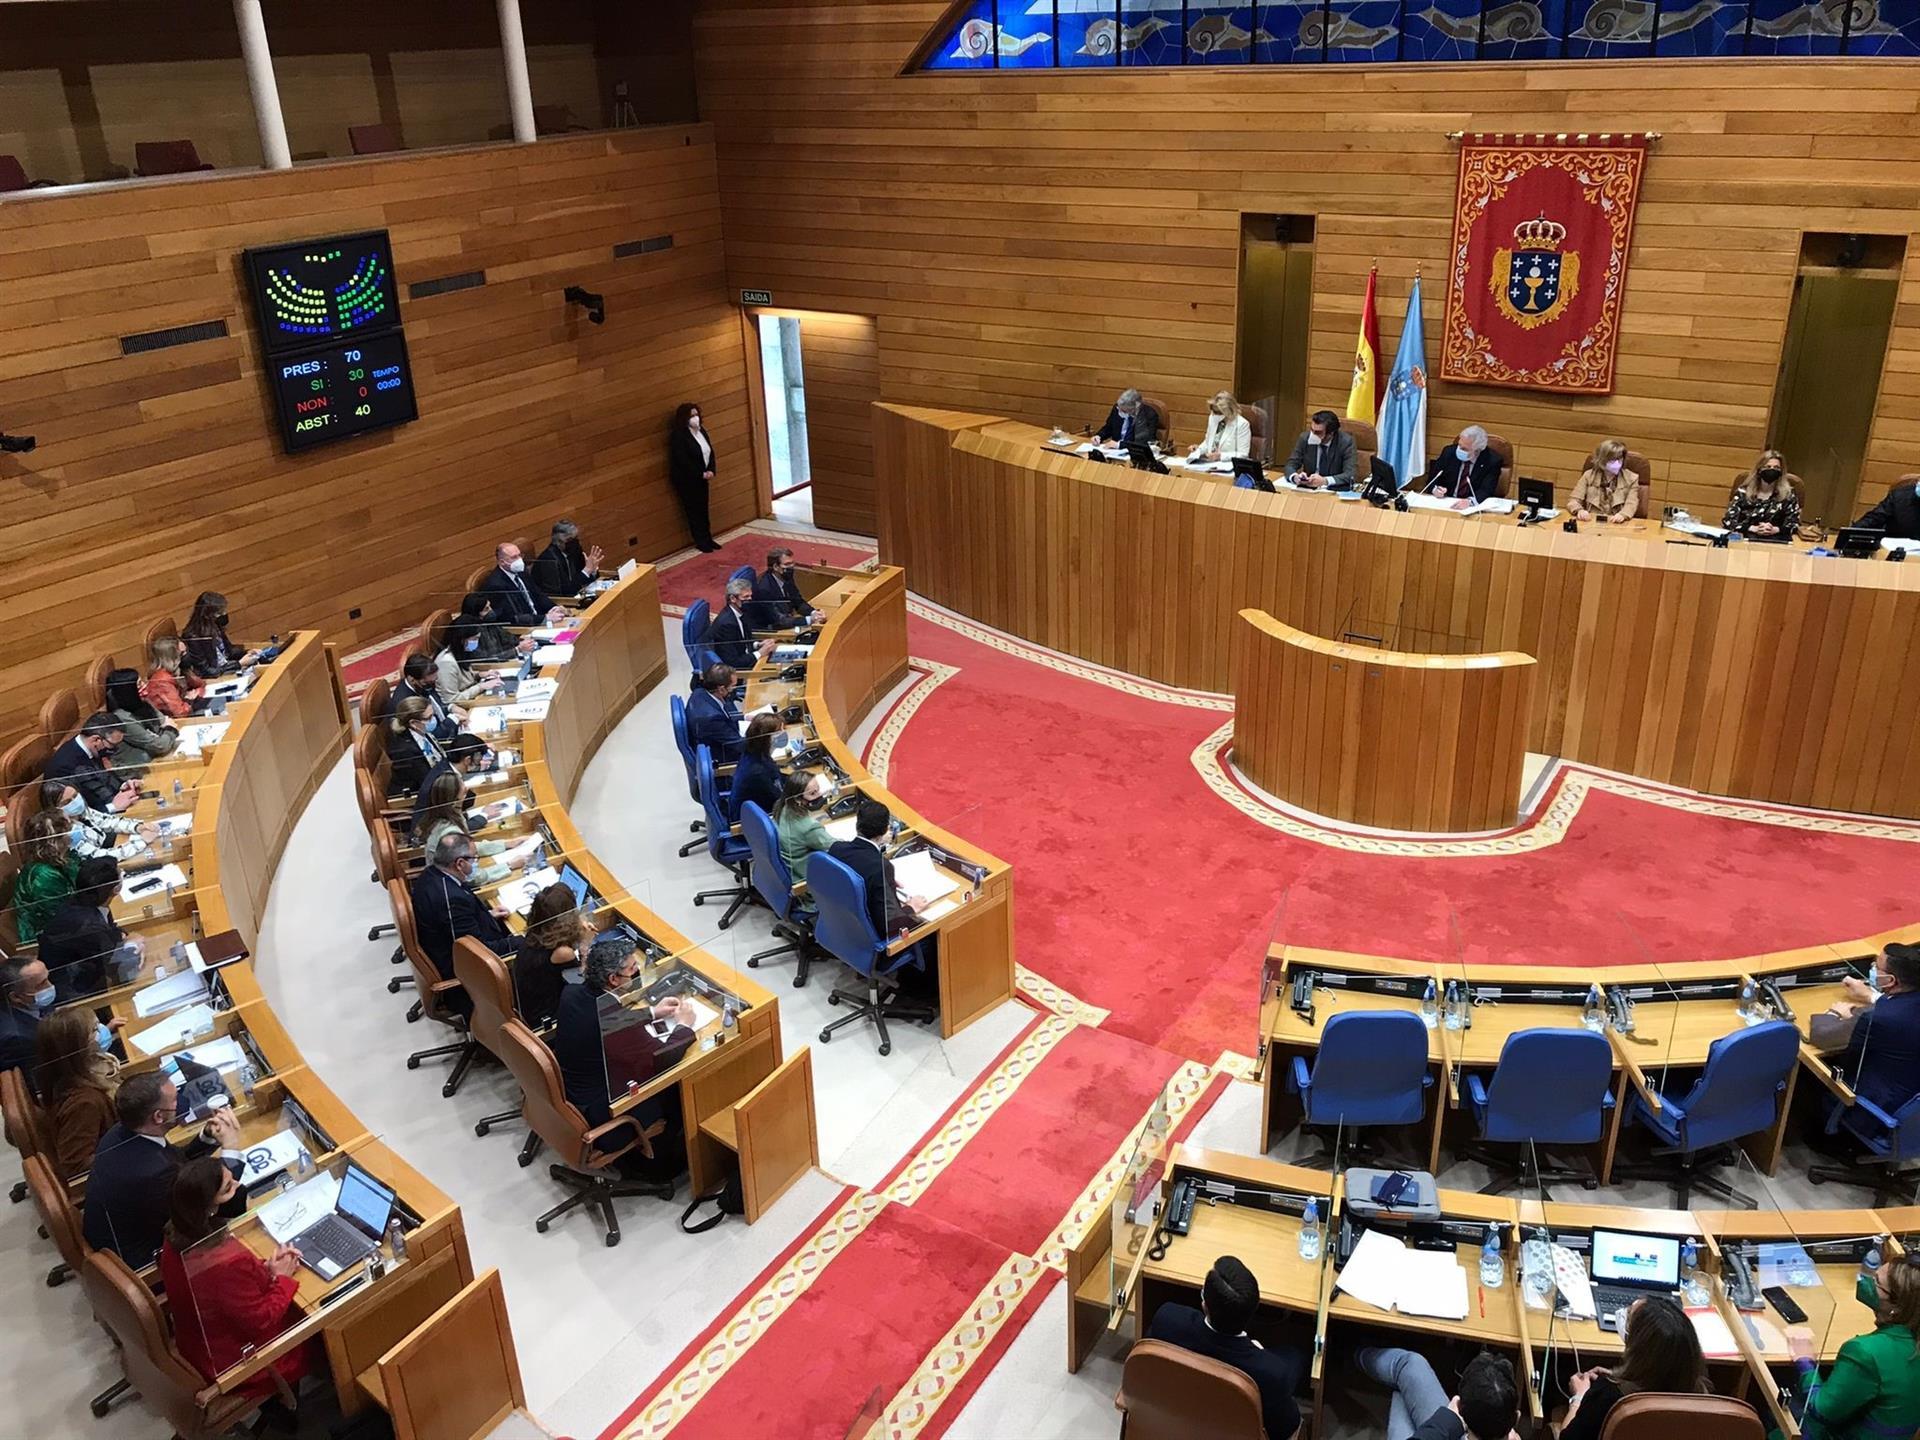 Votación de la proposición de ley para su debate en el Congreso de los Diputados. El PPdeG se abstiene y BNG y PSdeG votan a favor de la tramitación de la normativa, que deberá llegar a la Cámara Baja. - EUROPA PRESS